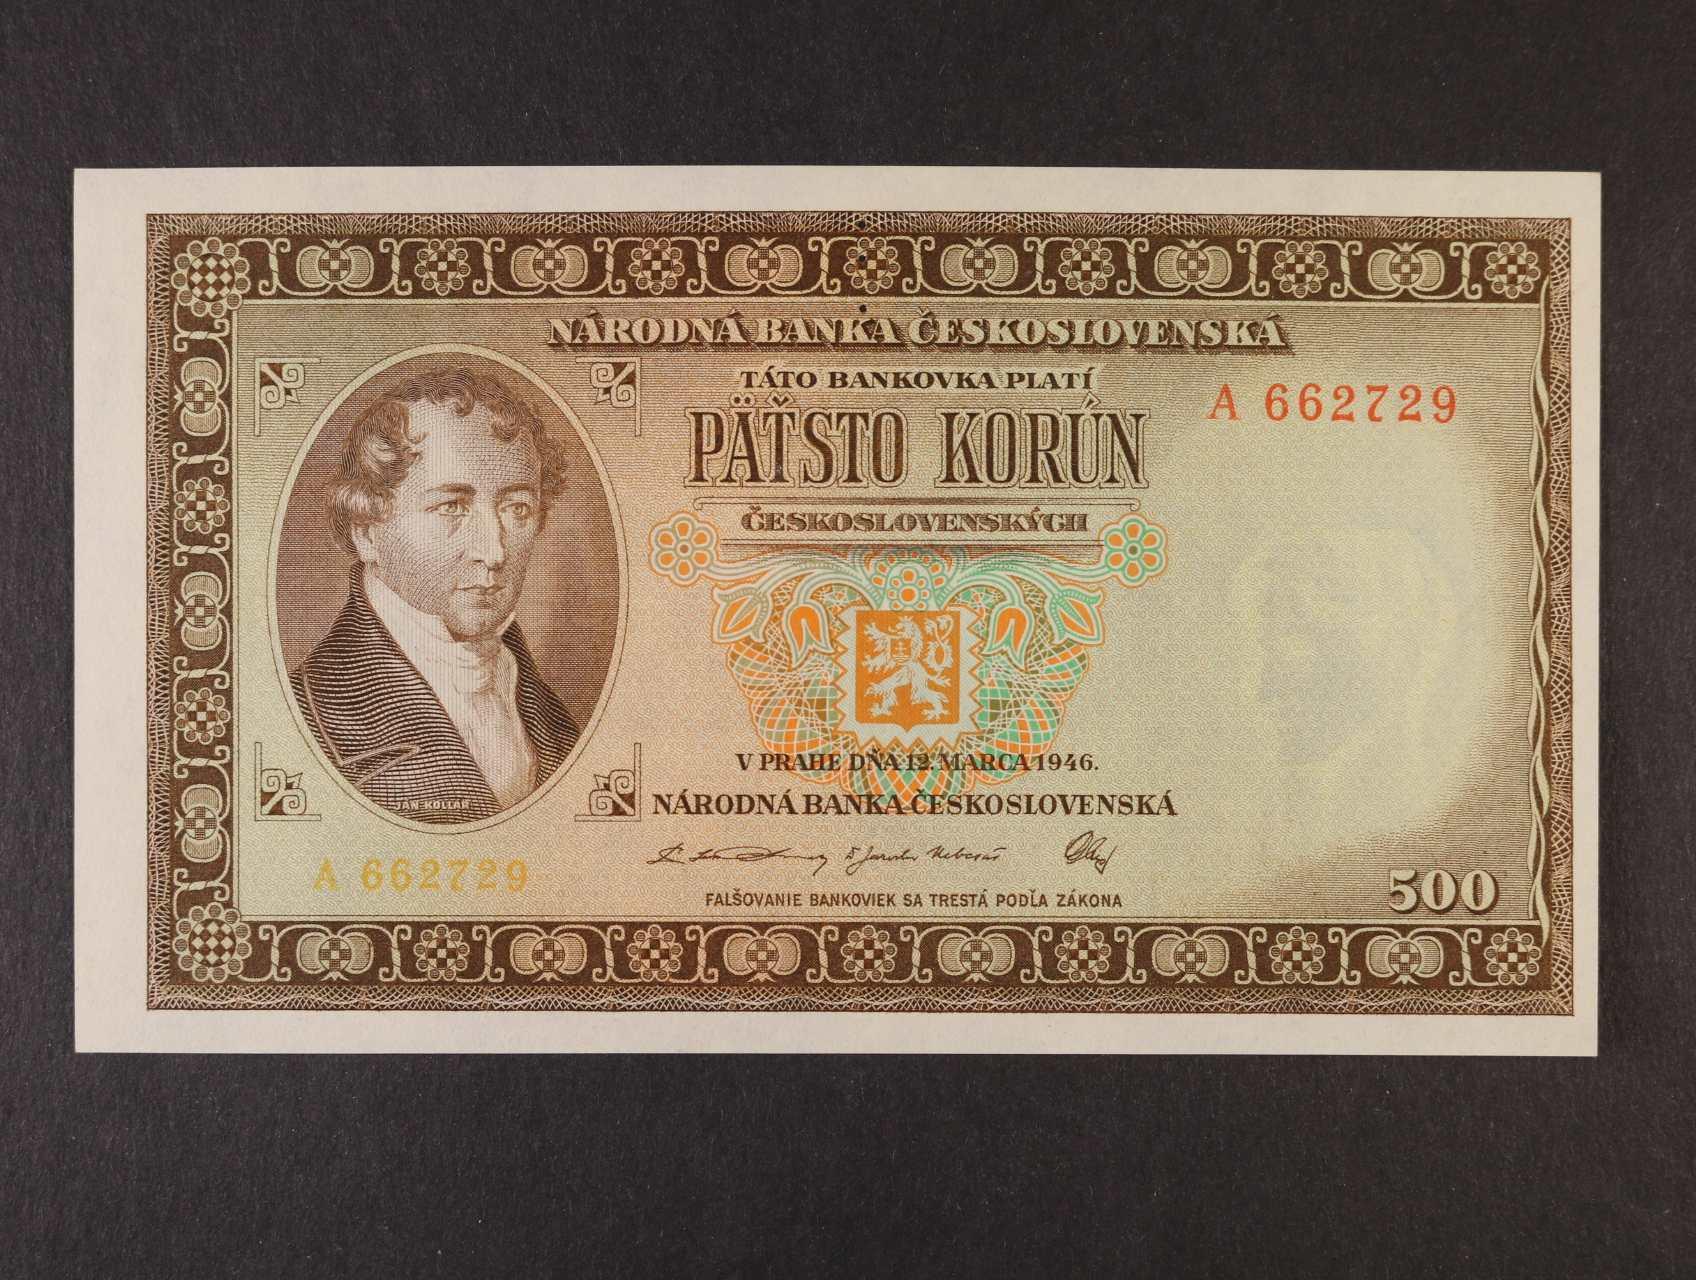 500 Kčs 12.3.1946 série A perf. 3md, Ba. 80a, Pi. 73a